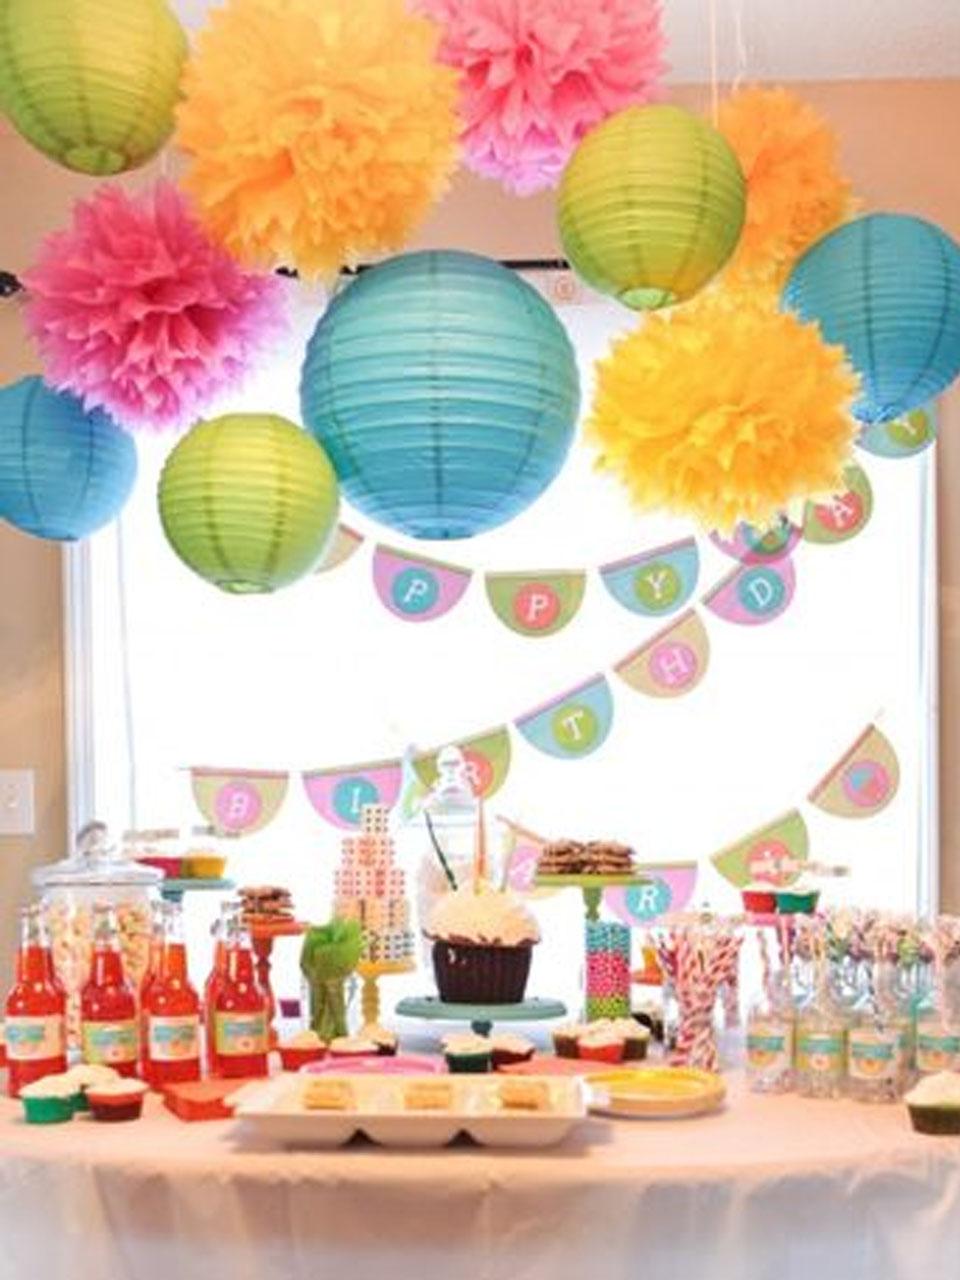 12 manualidades con pompones para fiestas - Ideas fiestas tematicas ...